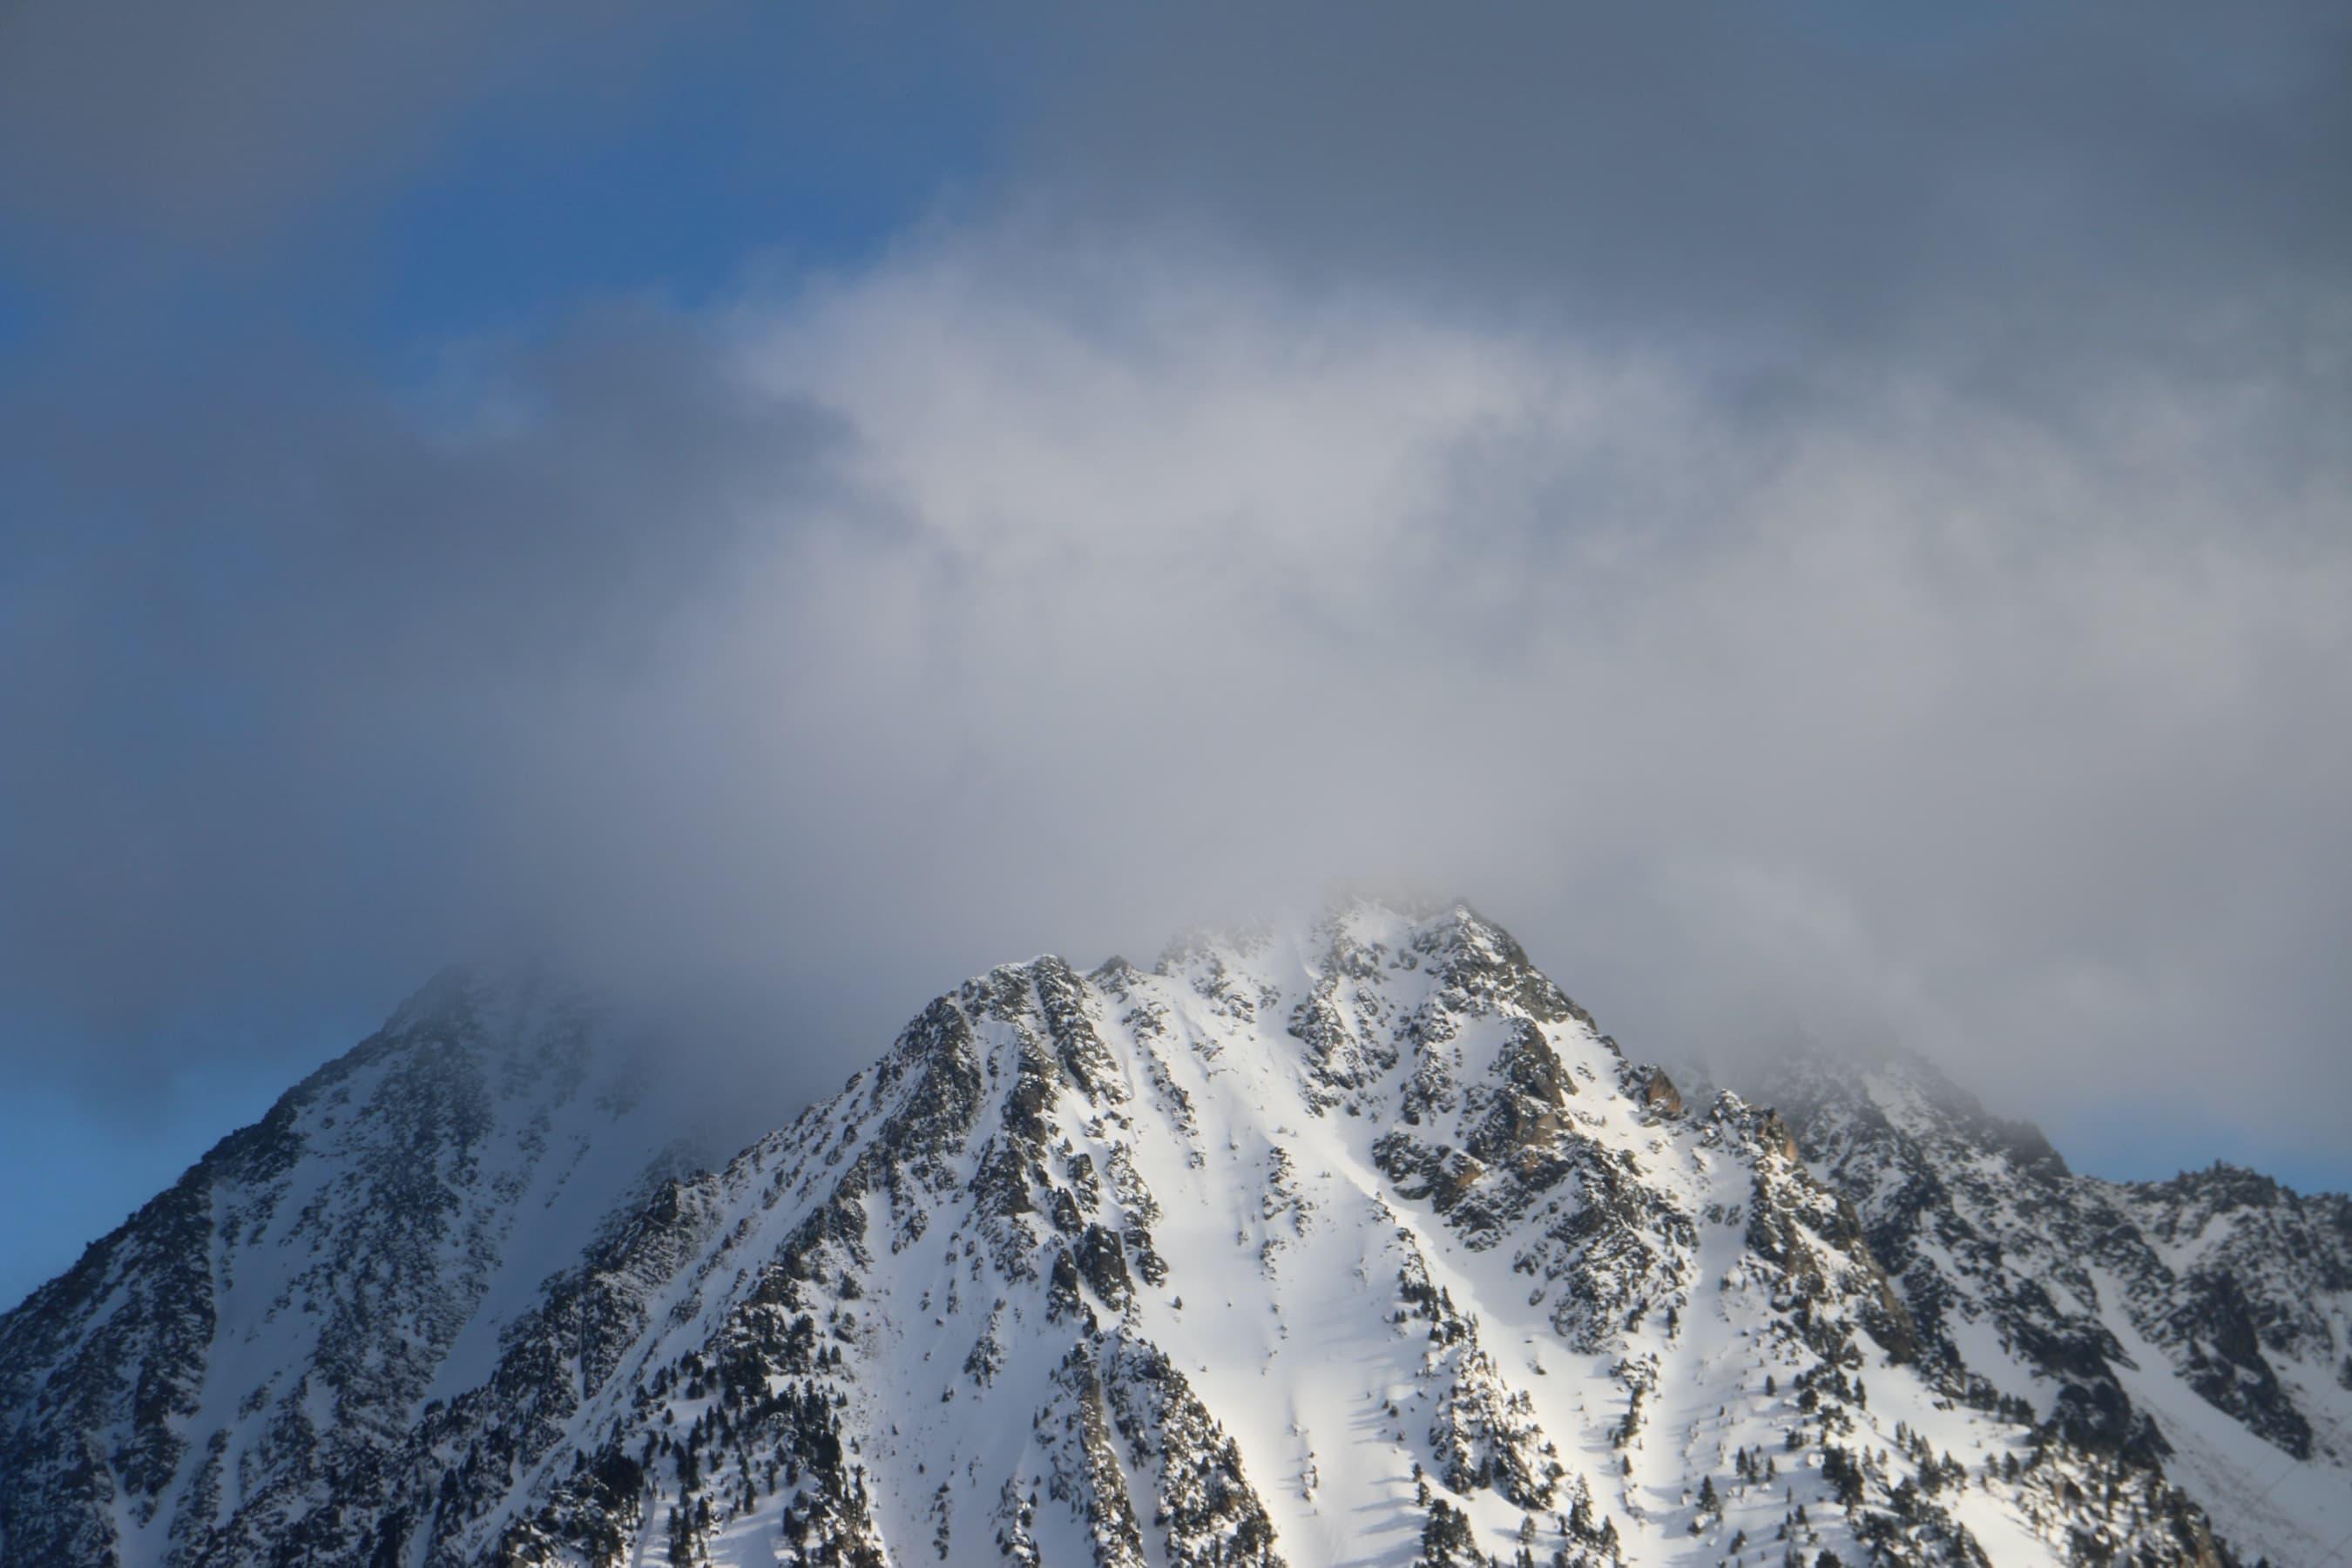 La núvols xoquen contra la muntanya al port de la Bonaigua